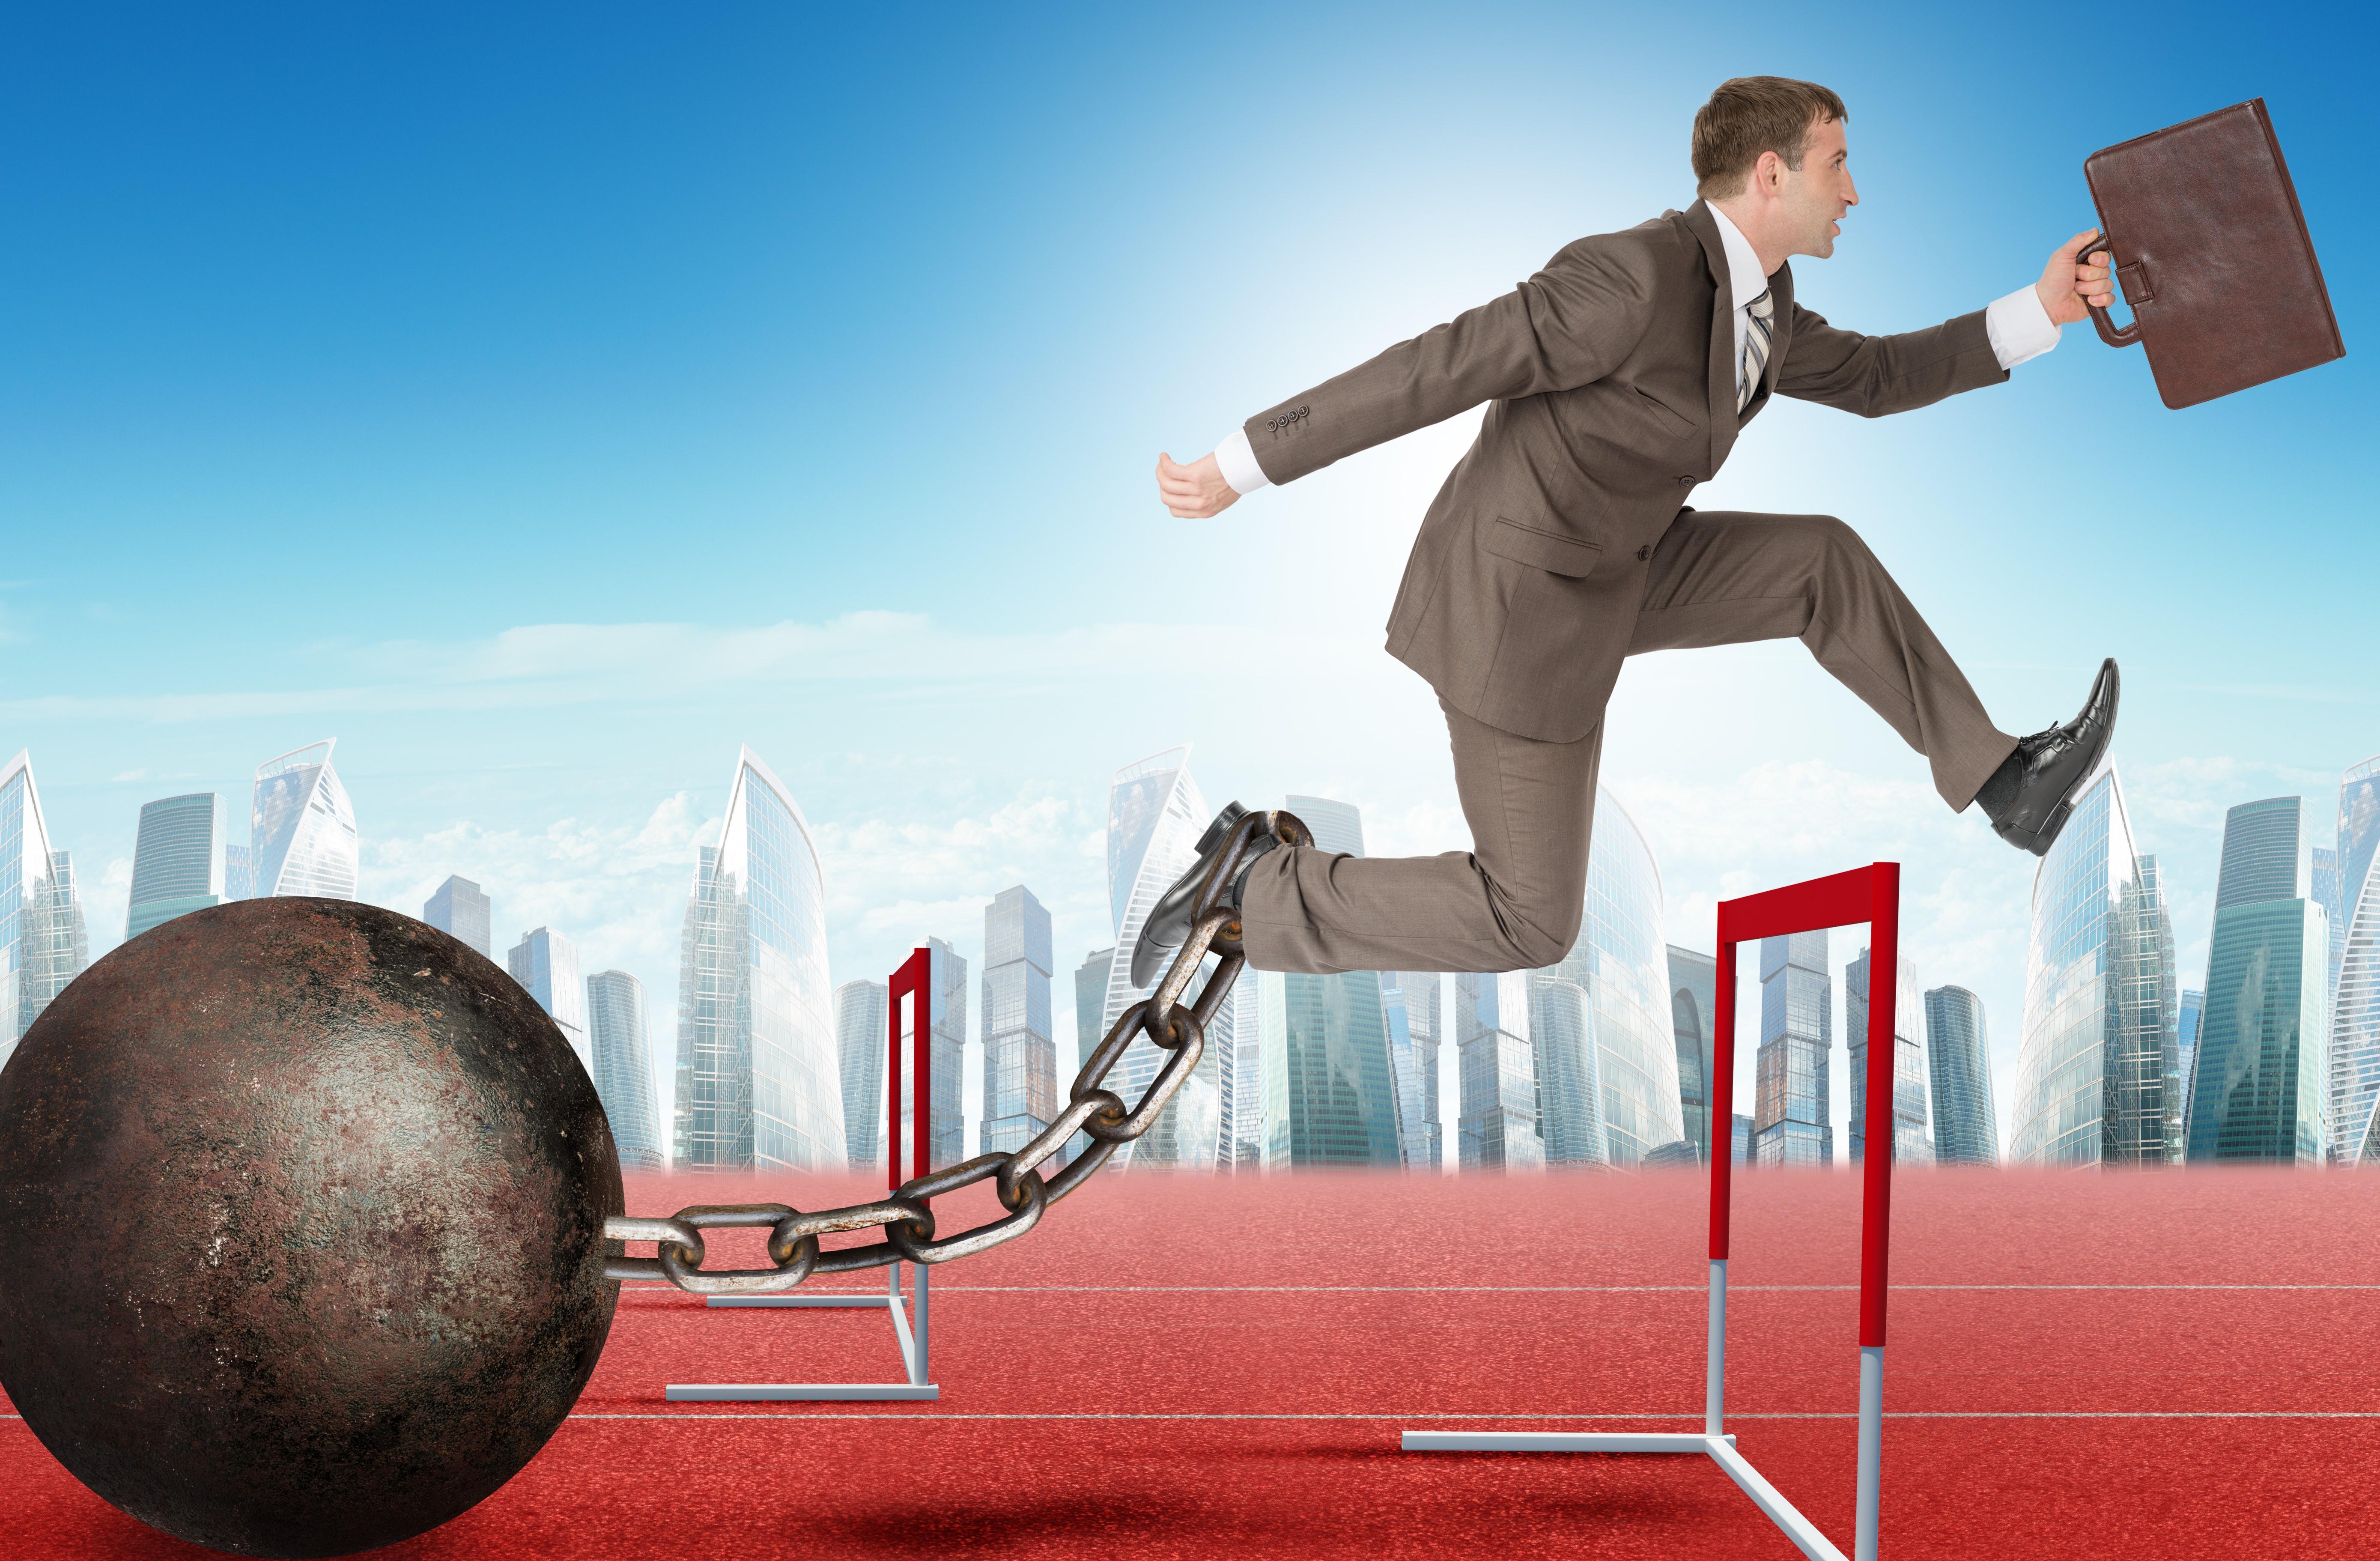 Anbud365: Motstand mot konkurranse kan lett bli den sikre vei utfor bakke